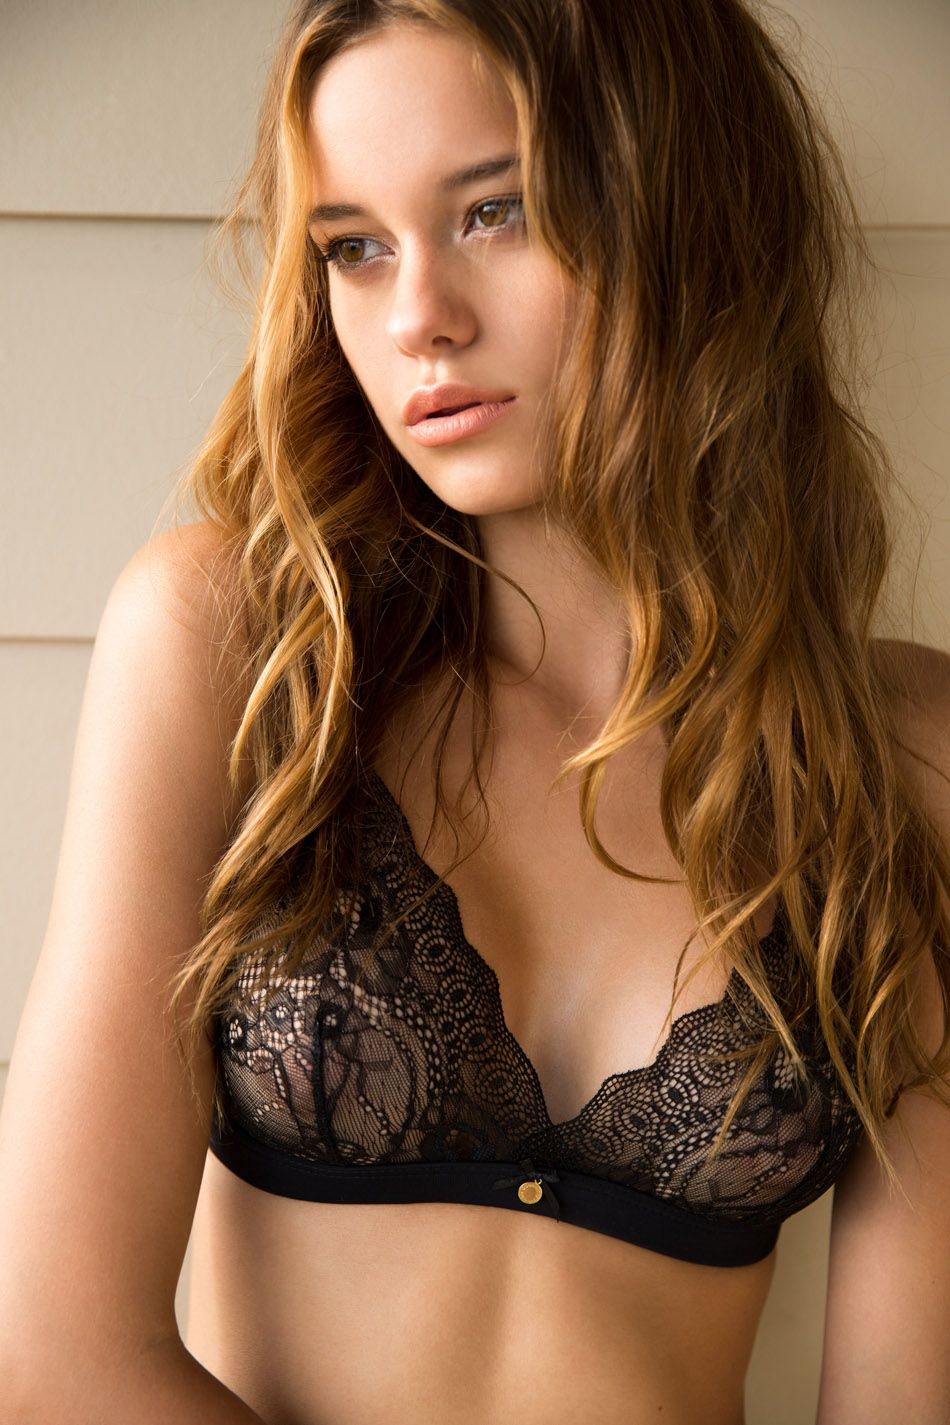 Jennifer white nude ass